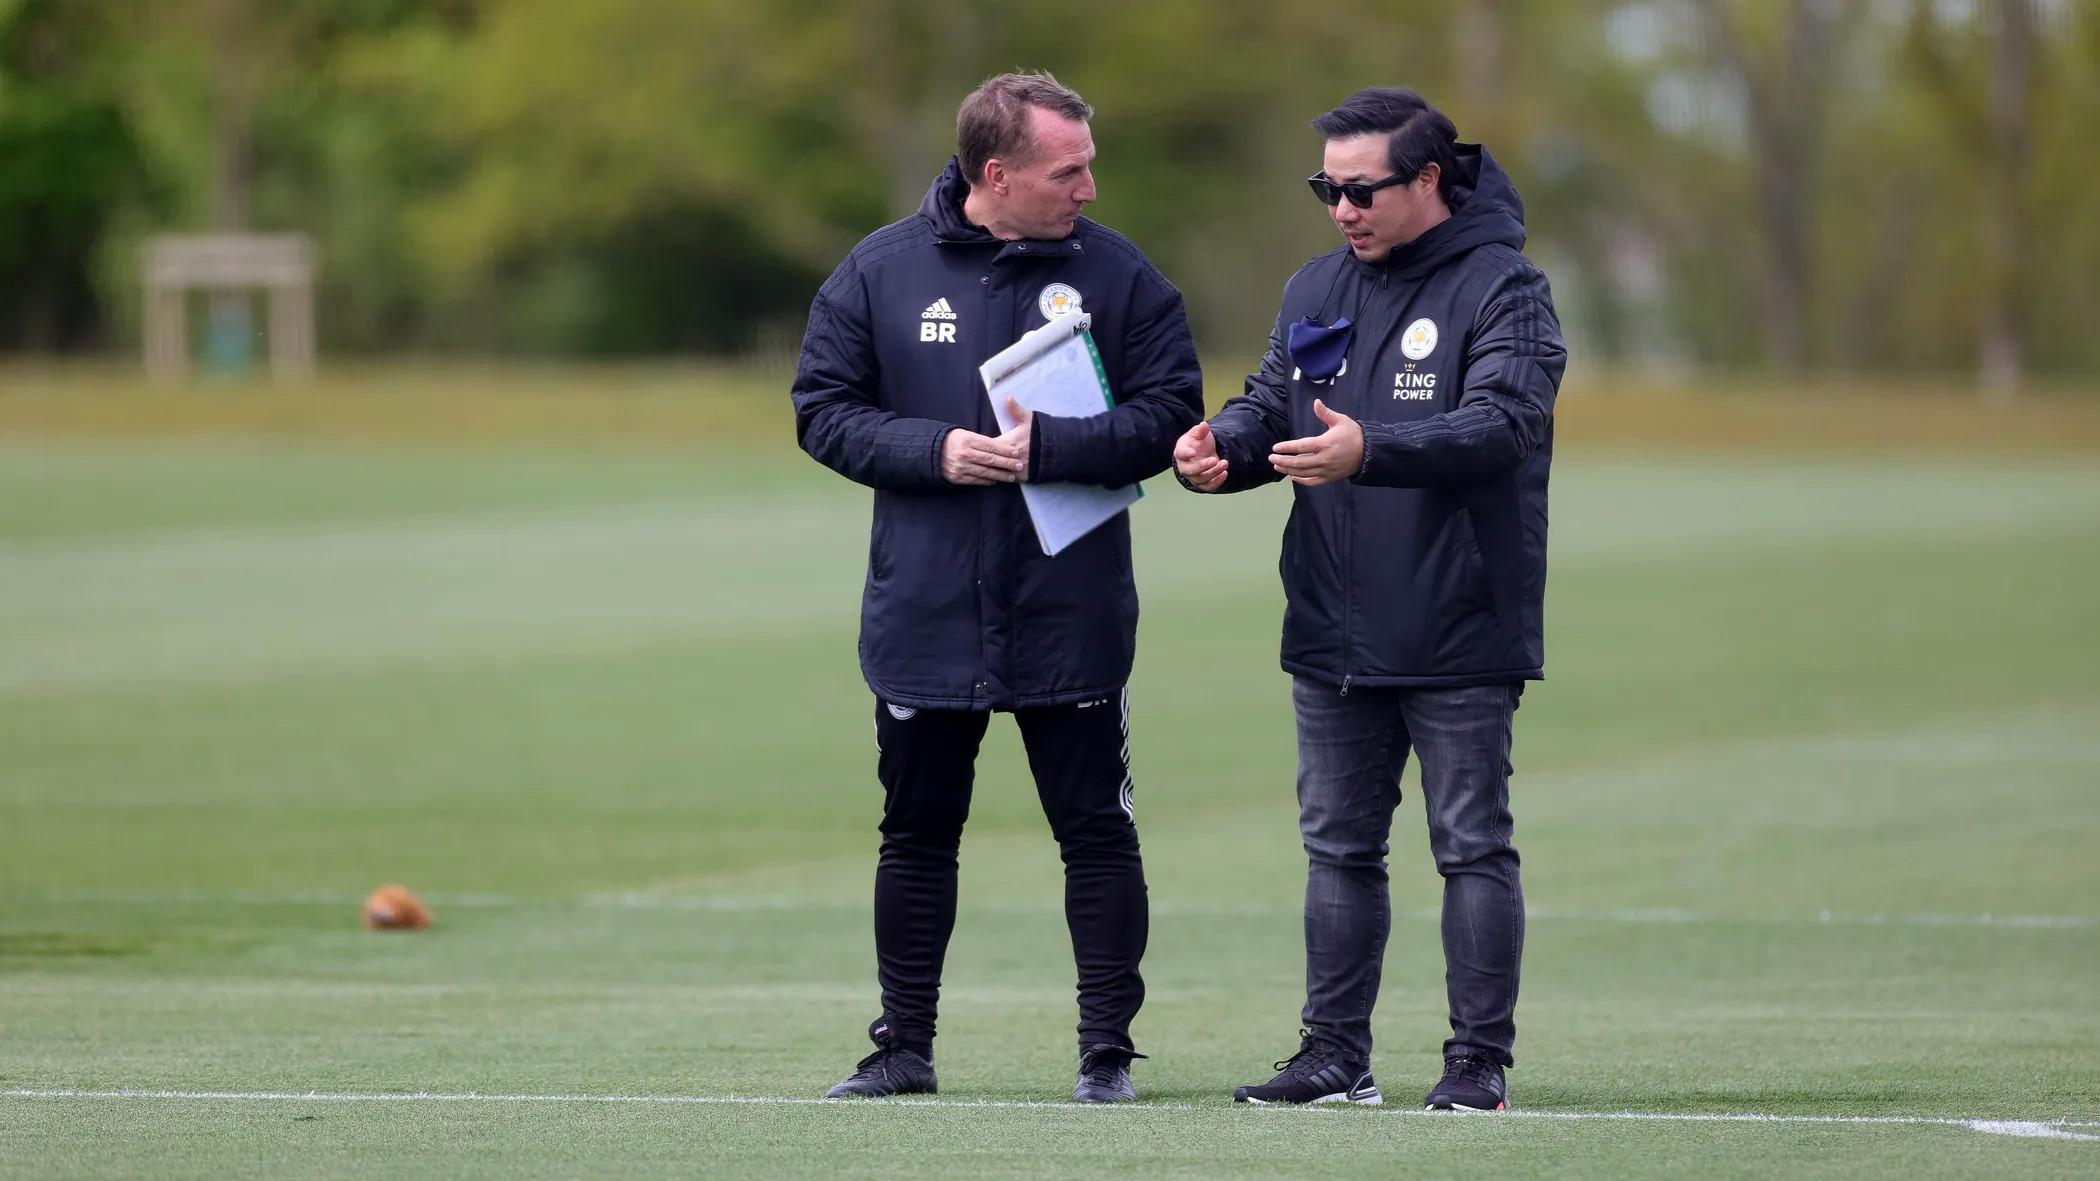 Chính sách Money Ball được nhà chủ Srivaddhanaprabha áp dụng với sự hưởng ứng từ HLV trưởng Brendan Rogers, mang lại thành công cho Leicester cả về tài chính lẫn thể thao. Ảnh: LCFC